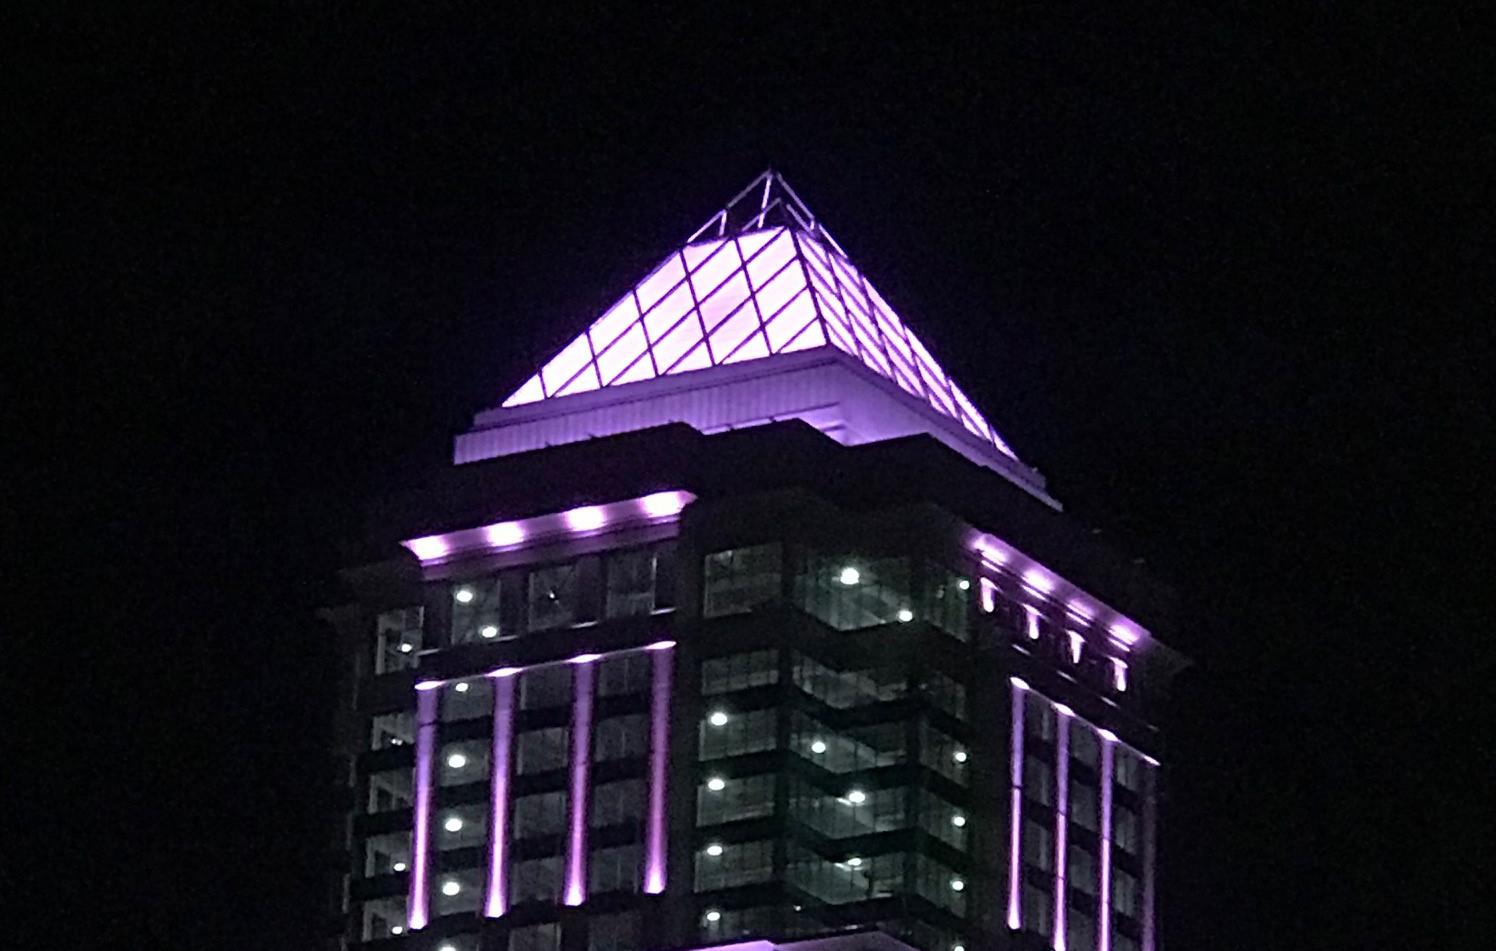 高層ビル屋上にETFEフィルムのピラミッドが完成